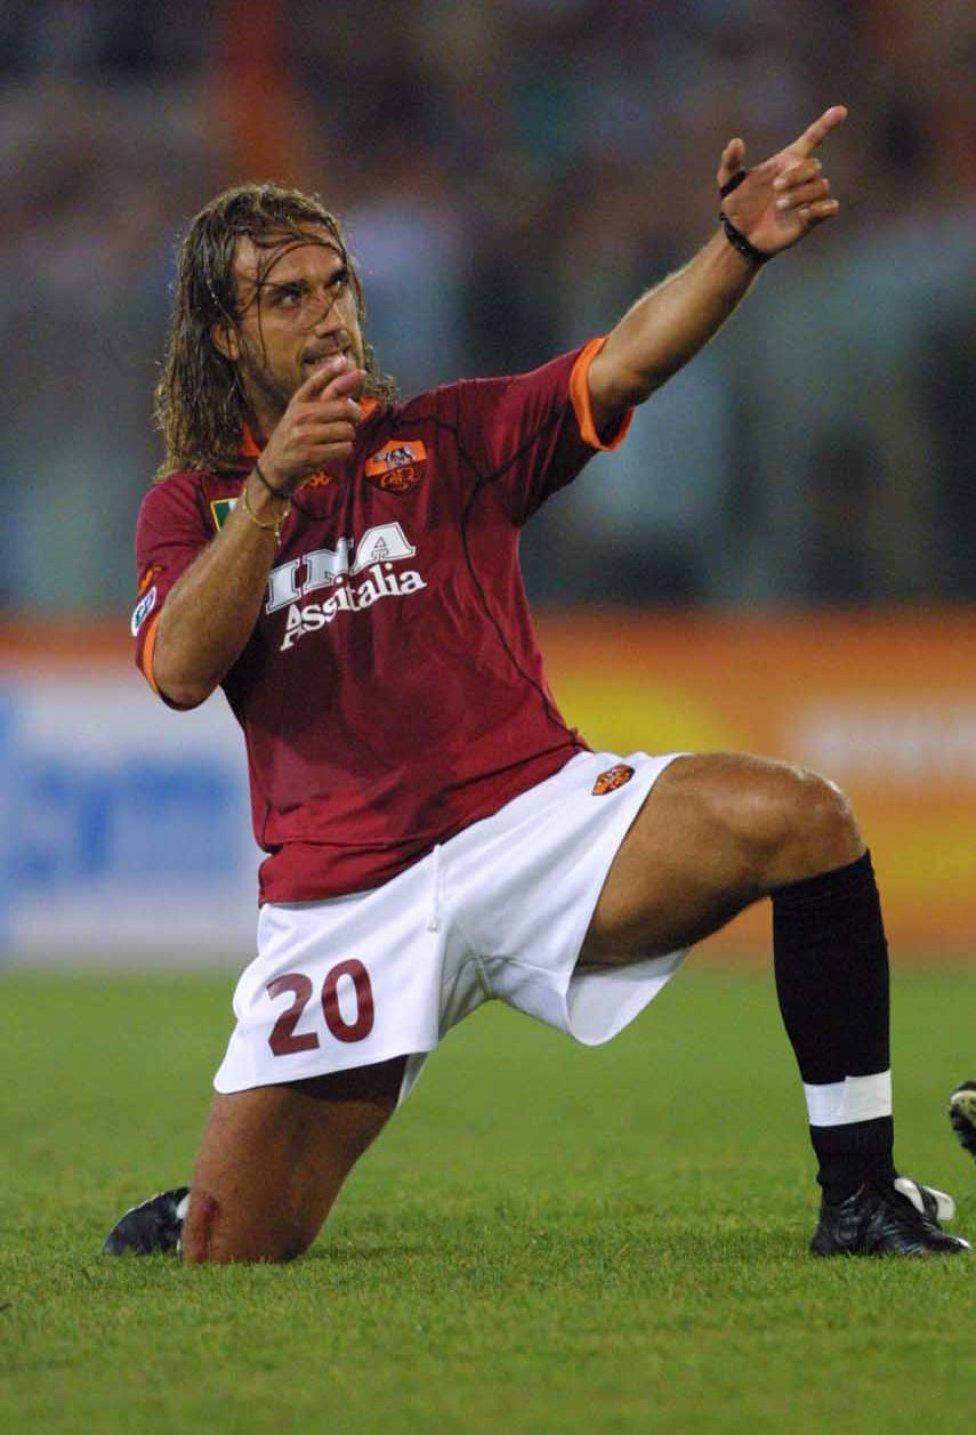 El argentino fue una de las opciones para la delantera de los blaugranas en la década de los 90, Cruyff quisó llevarlo al Barcelona cuando jugaba para la Roma.